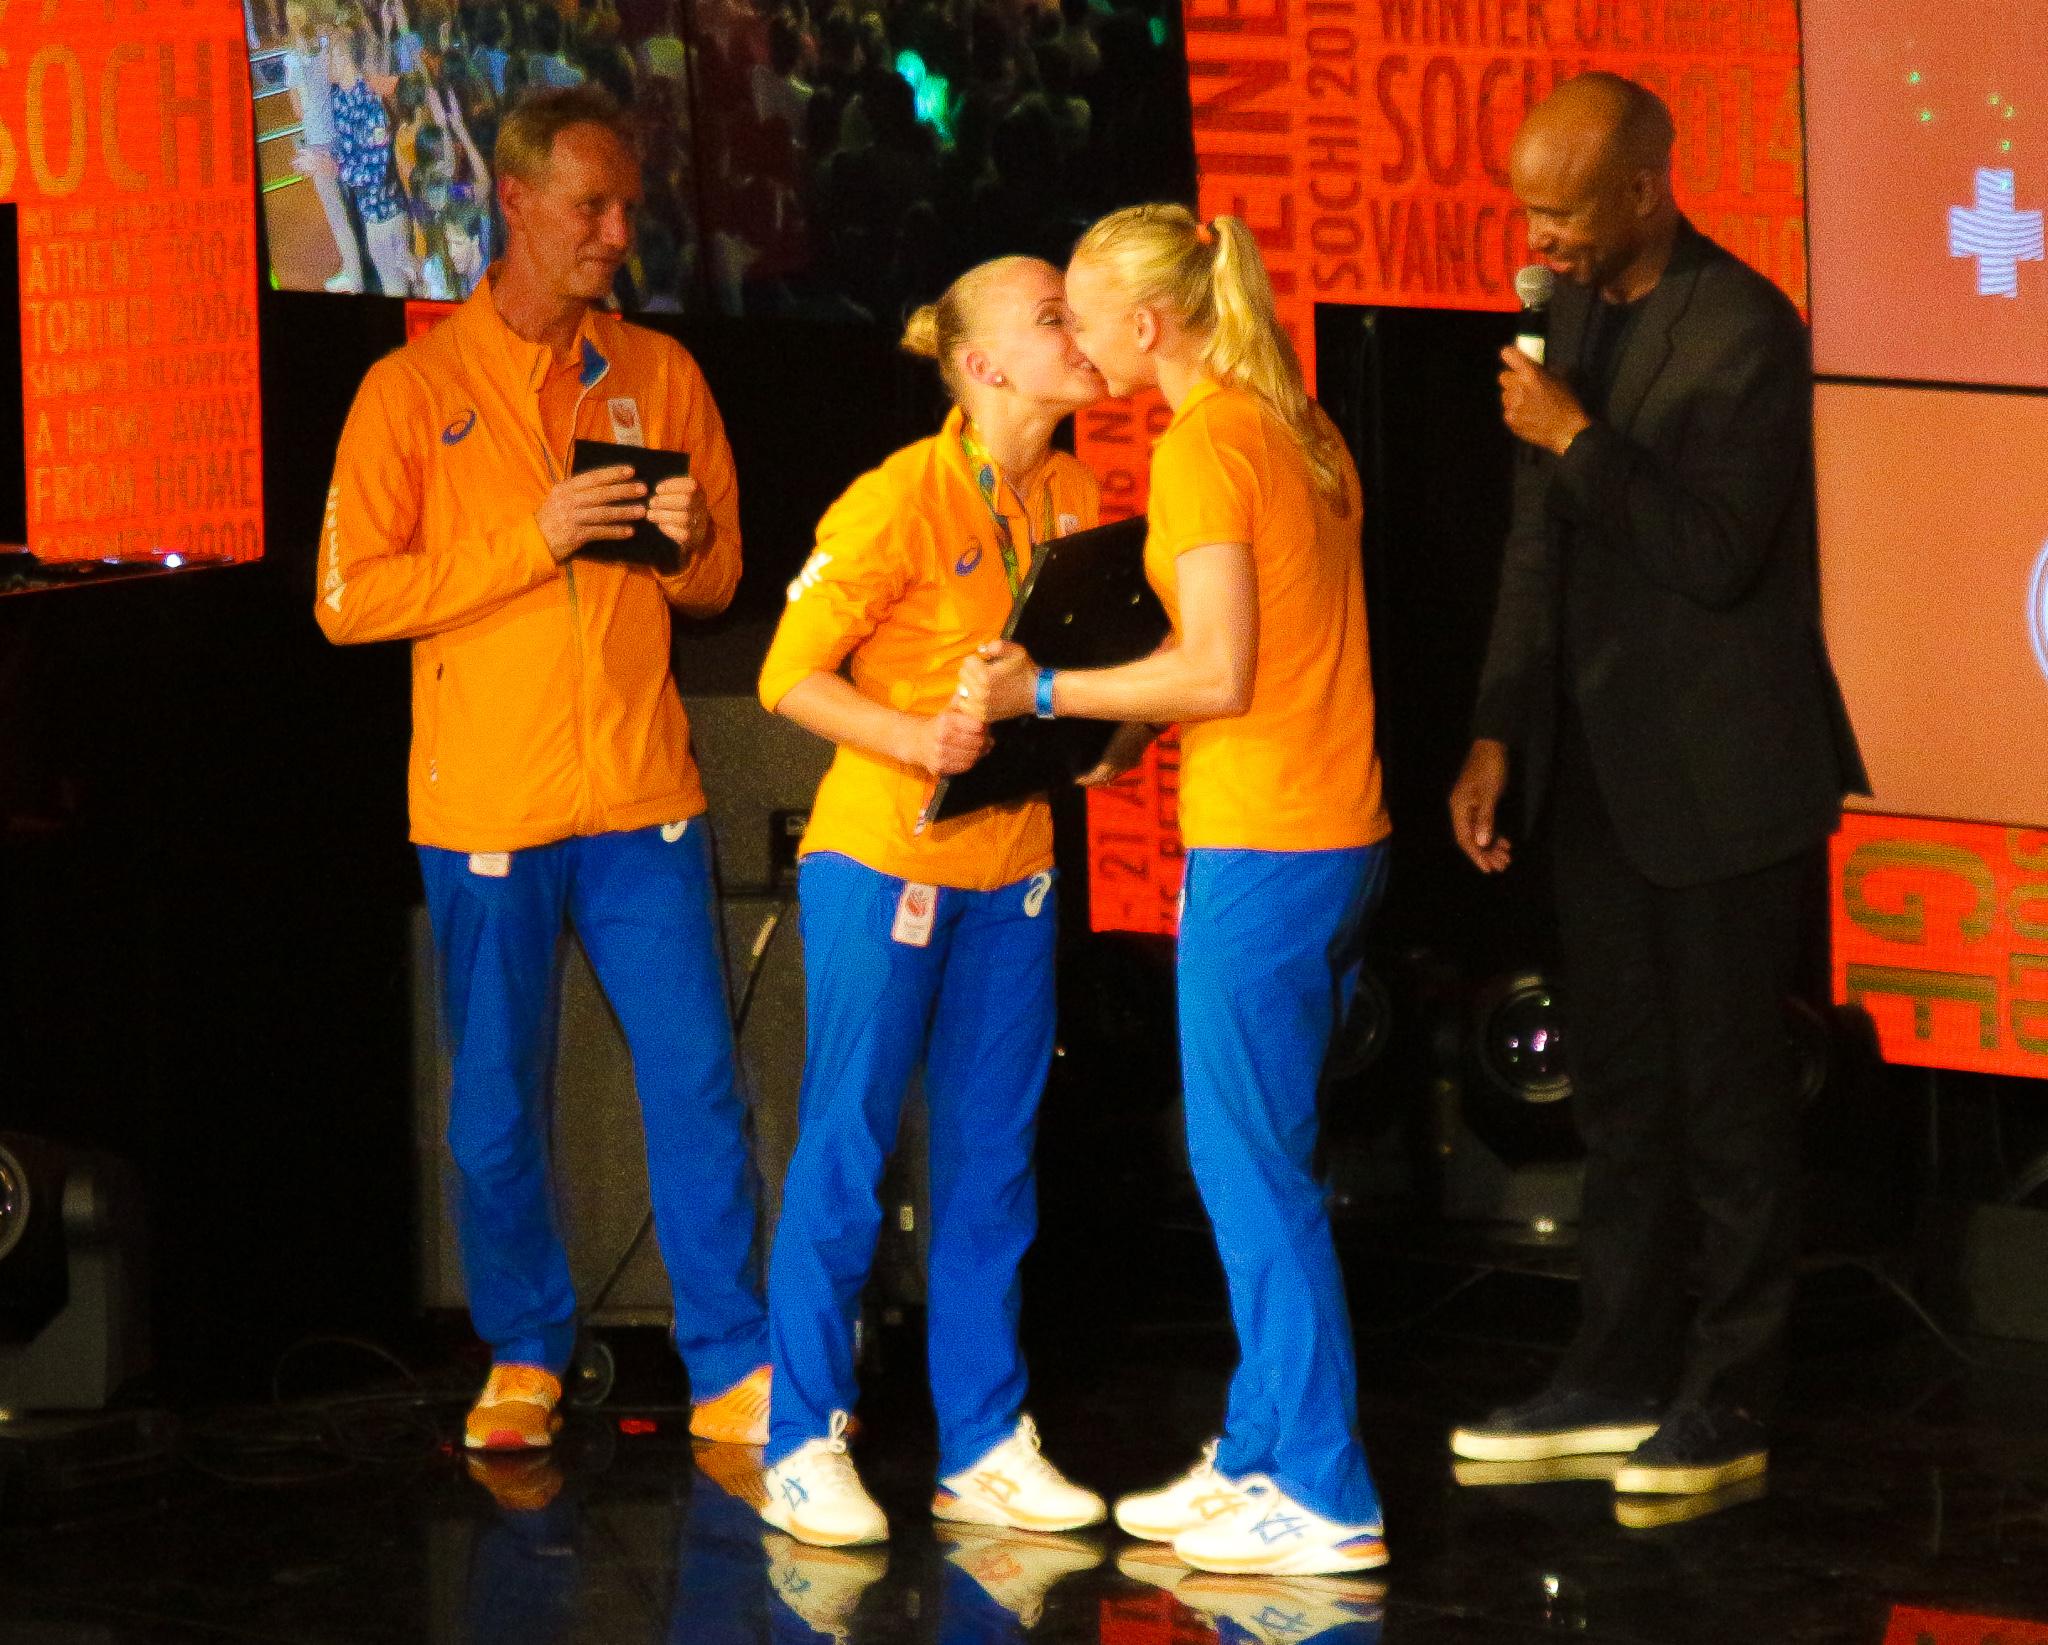 Huldiging Sanne Wevers en Sharon v Rouwendaal-4